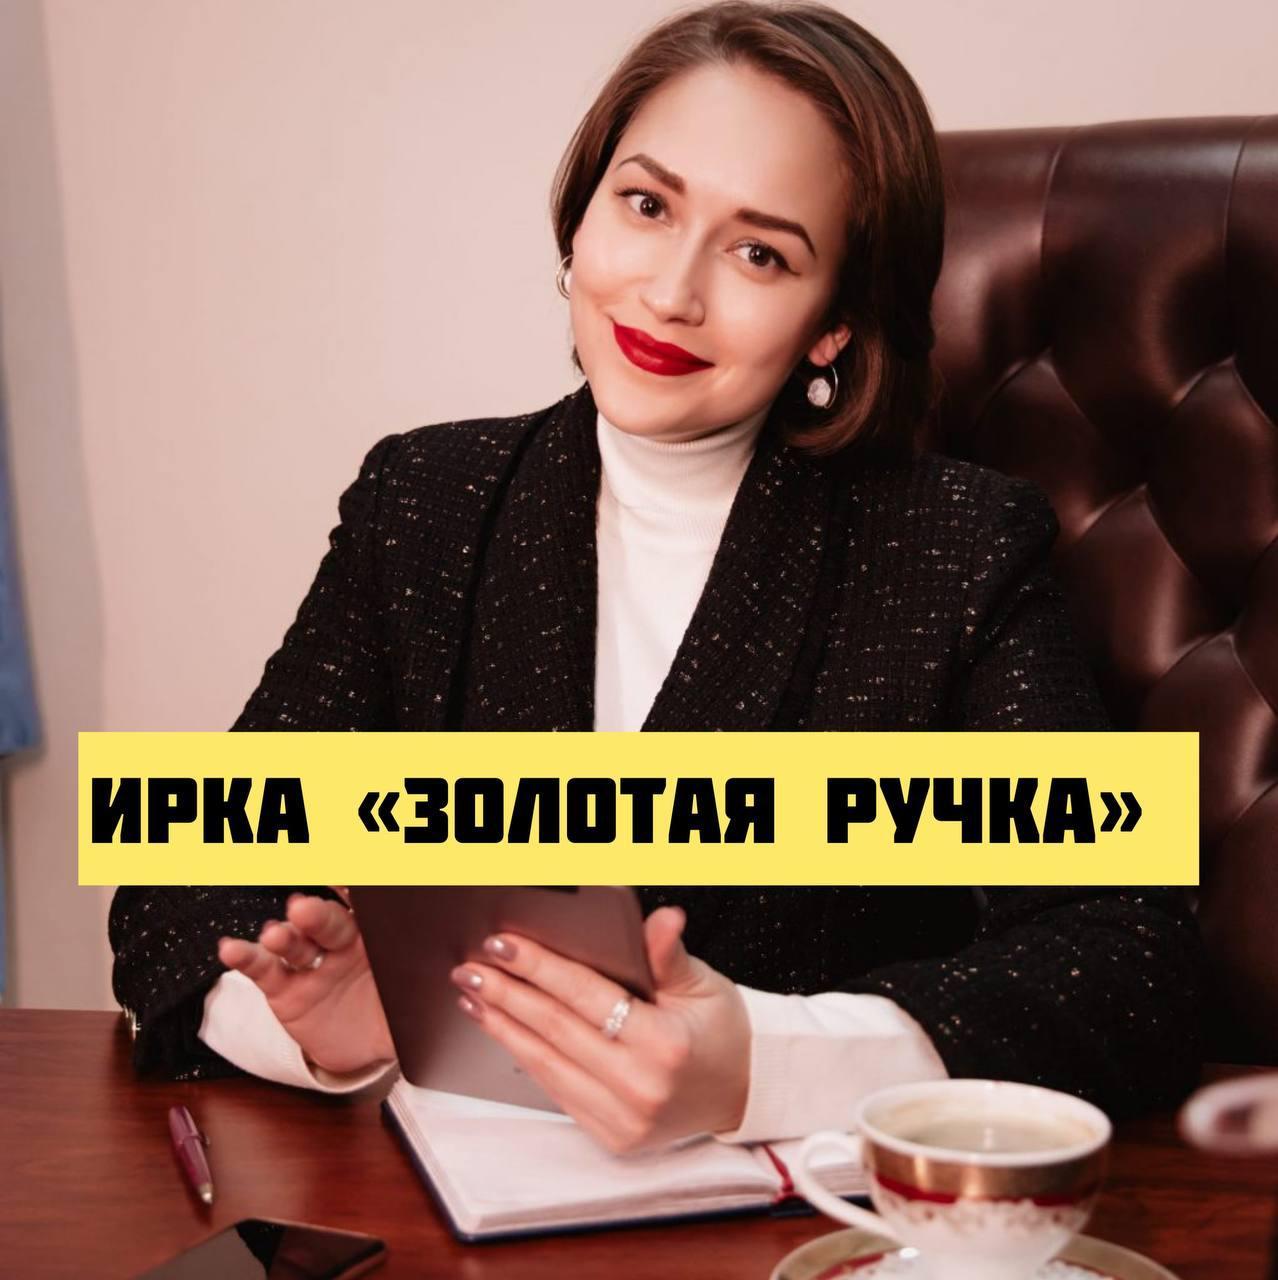 Минпред Якутии закупило шариковых ручек на 9 млн рублей